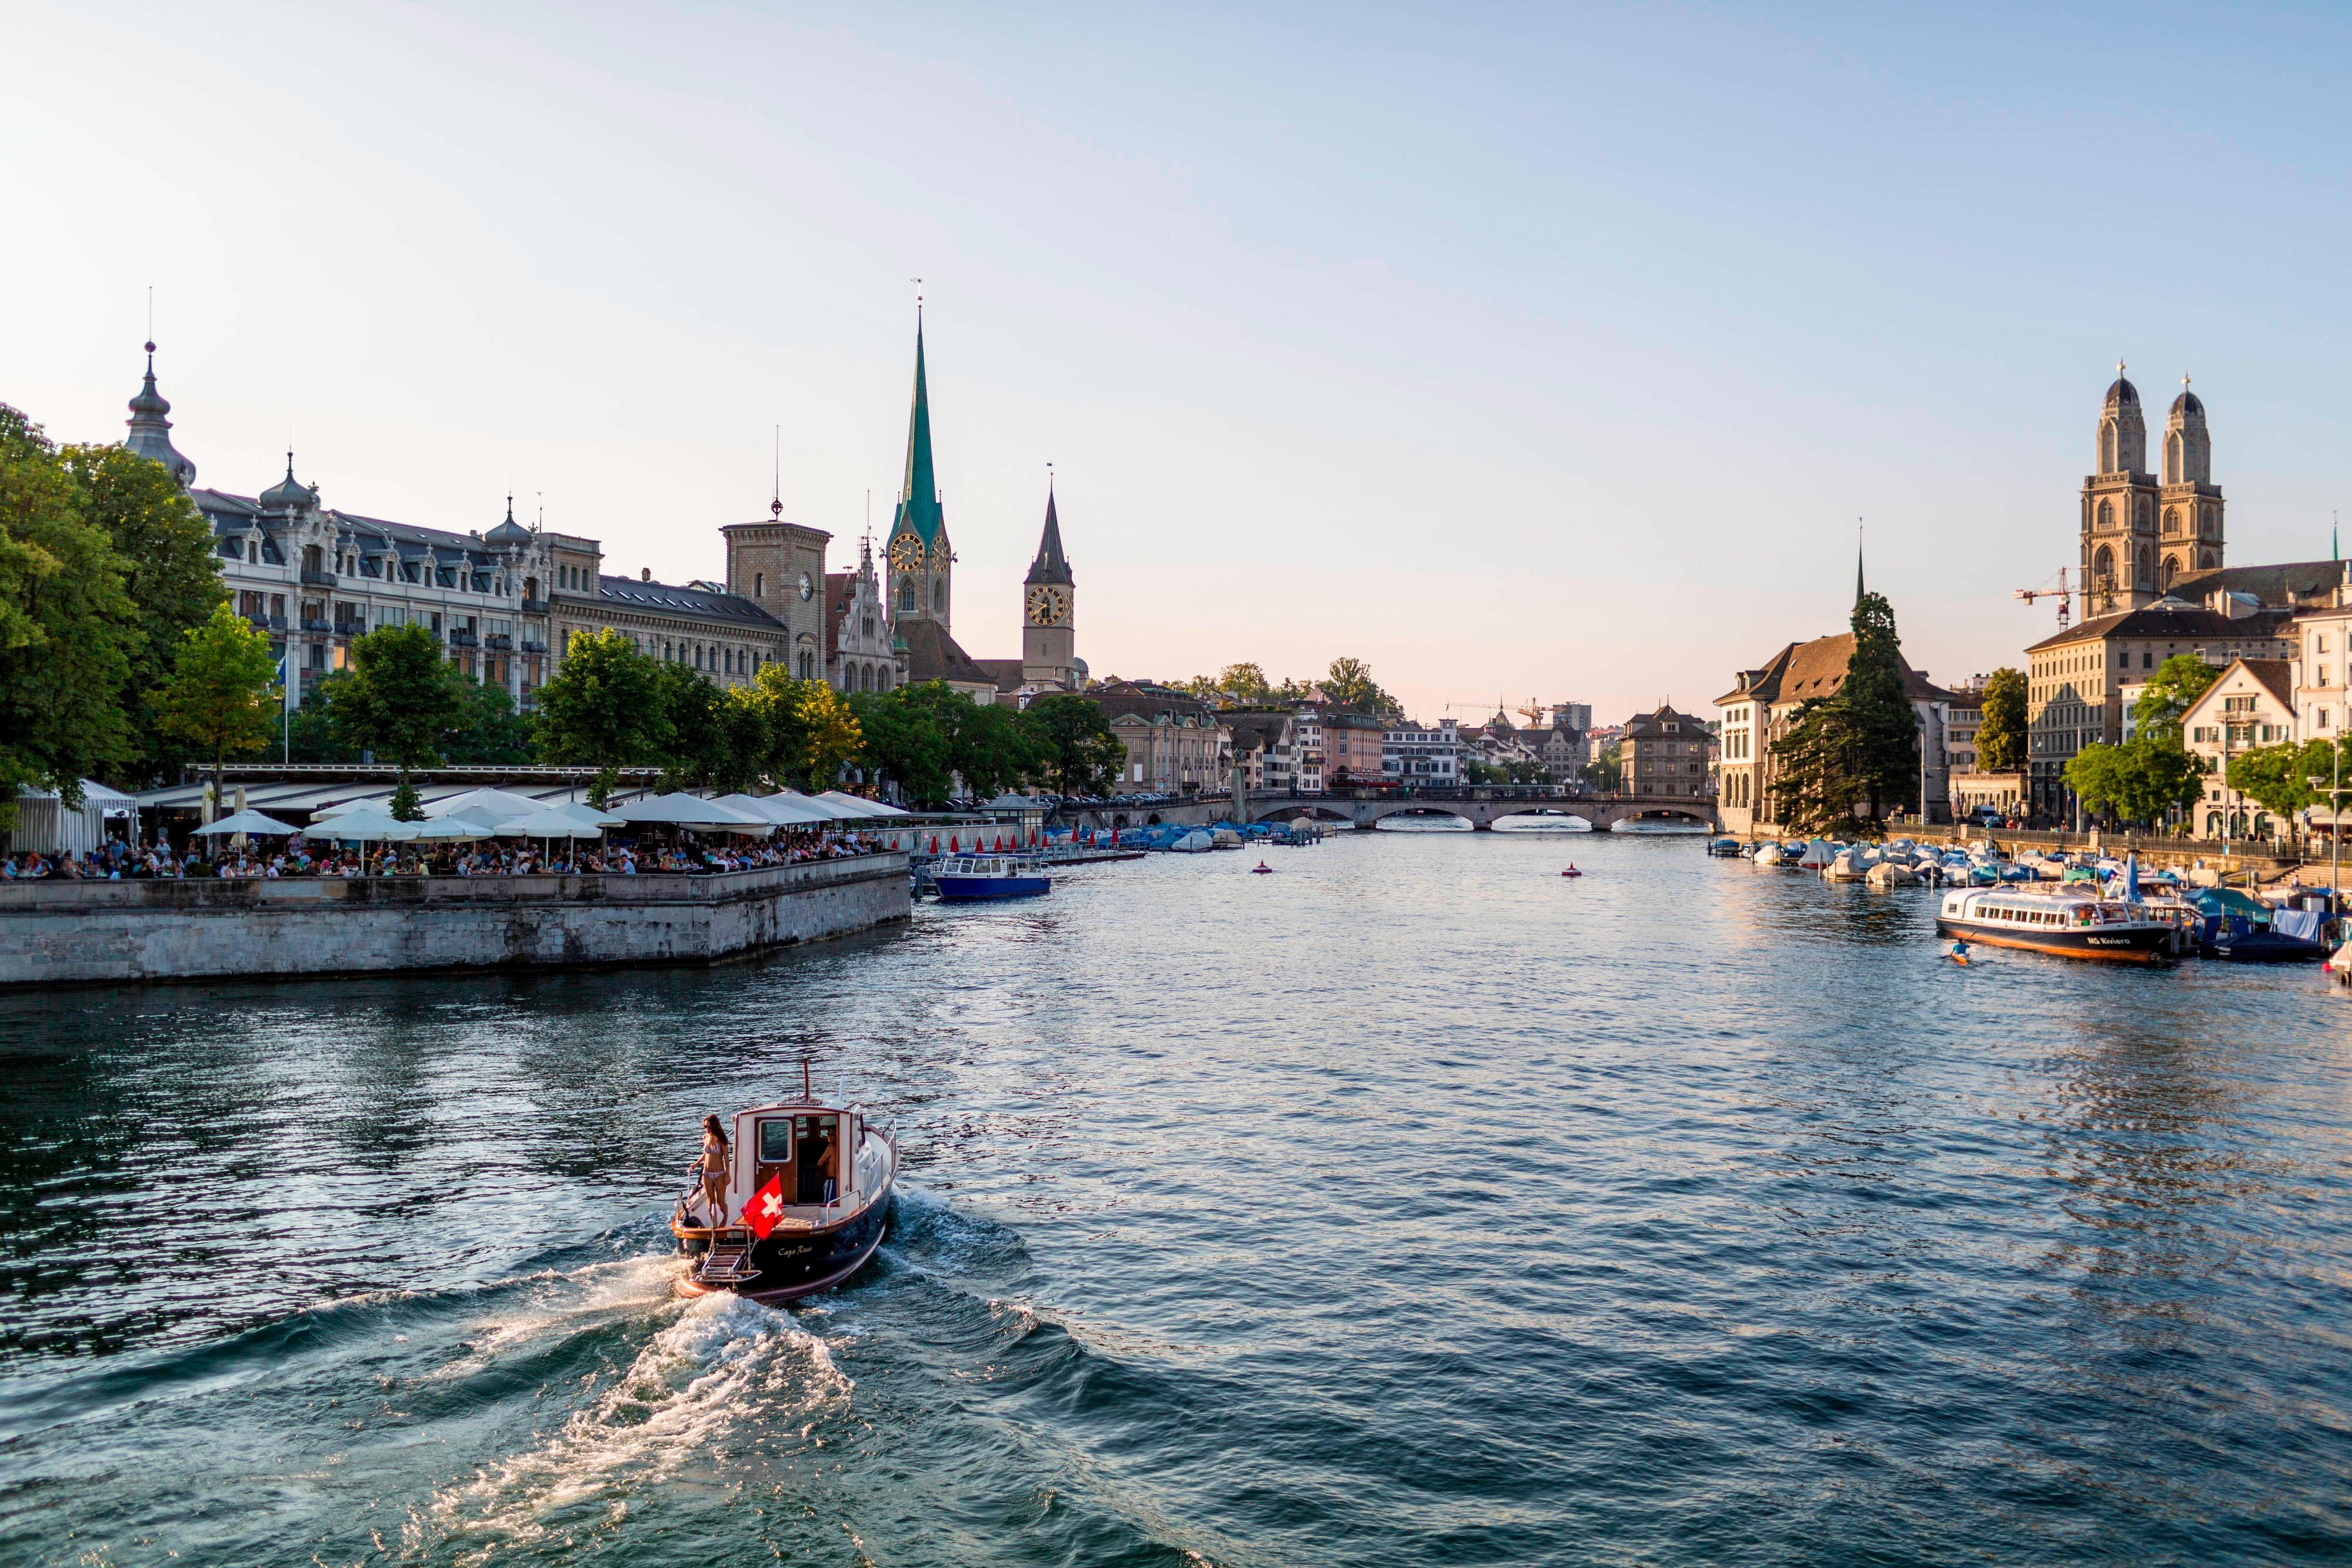 La rivière Limmat, dans le centre-ville de Zurich